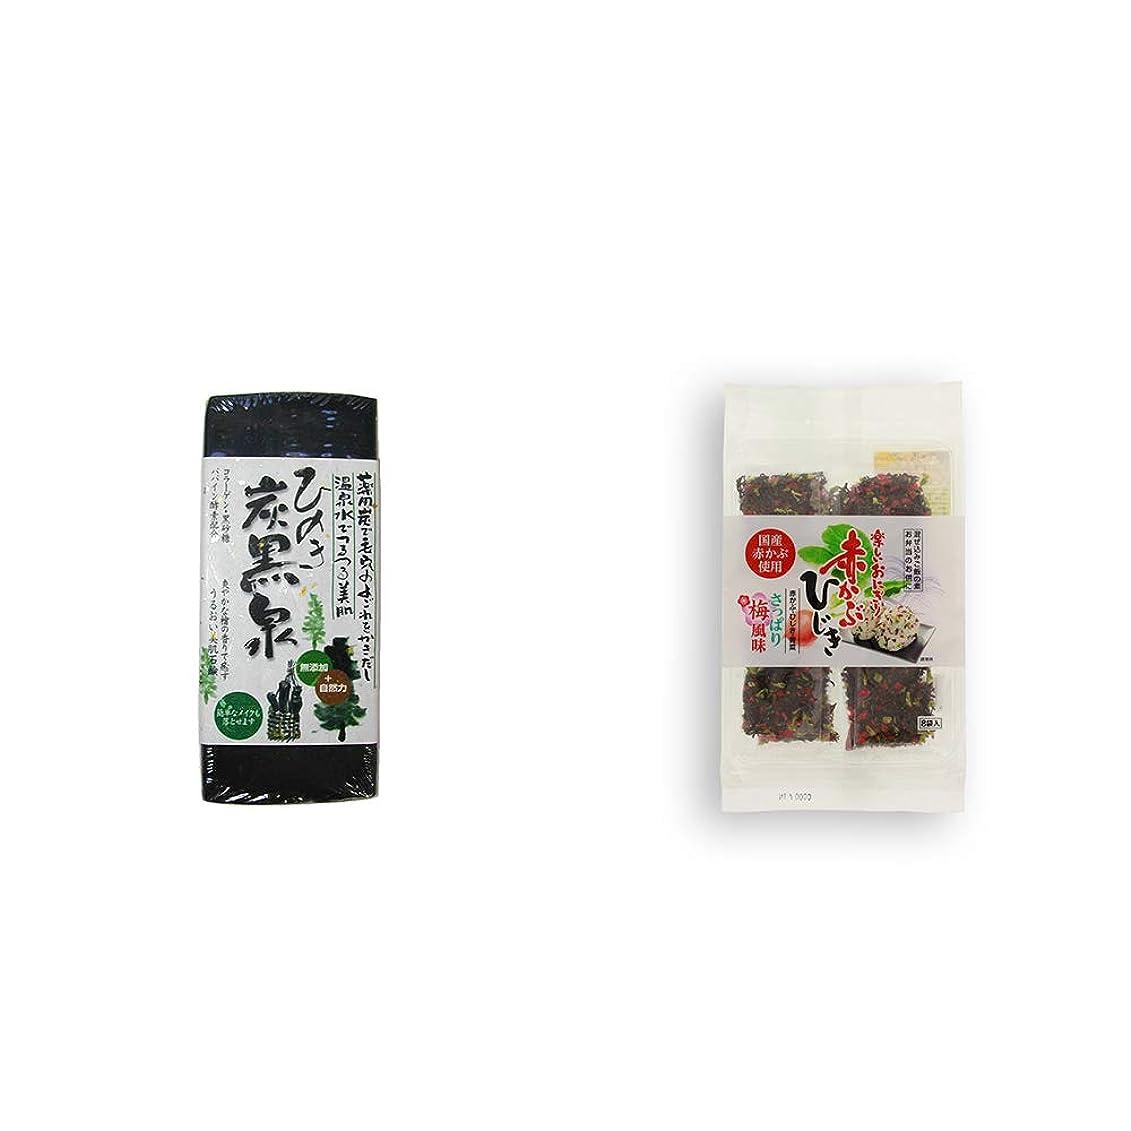 失われたシュリンクリビングルーム[2点セット] ひのき炭黒泉(75g×2)?楽しいおにぎり 赤かぶひじき(8g×8袋)